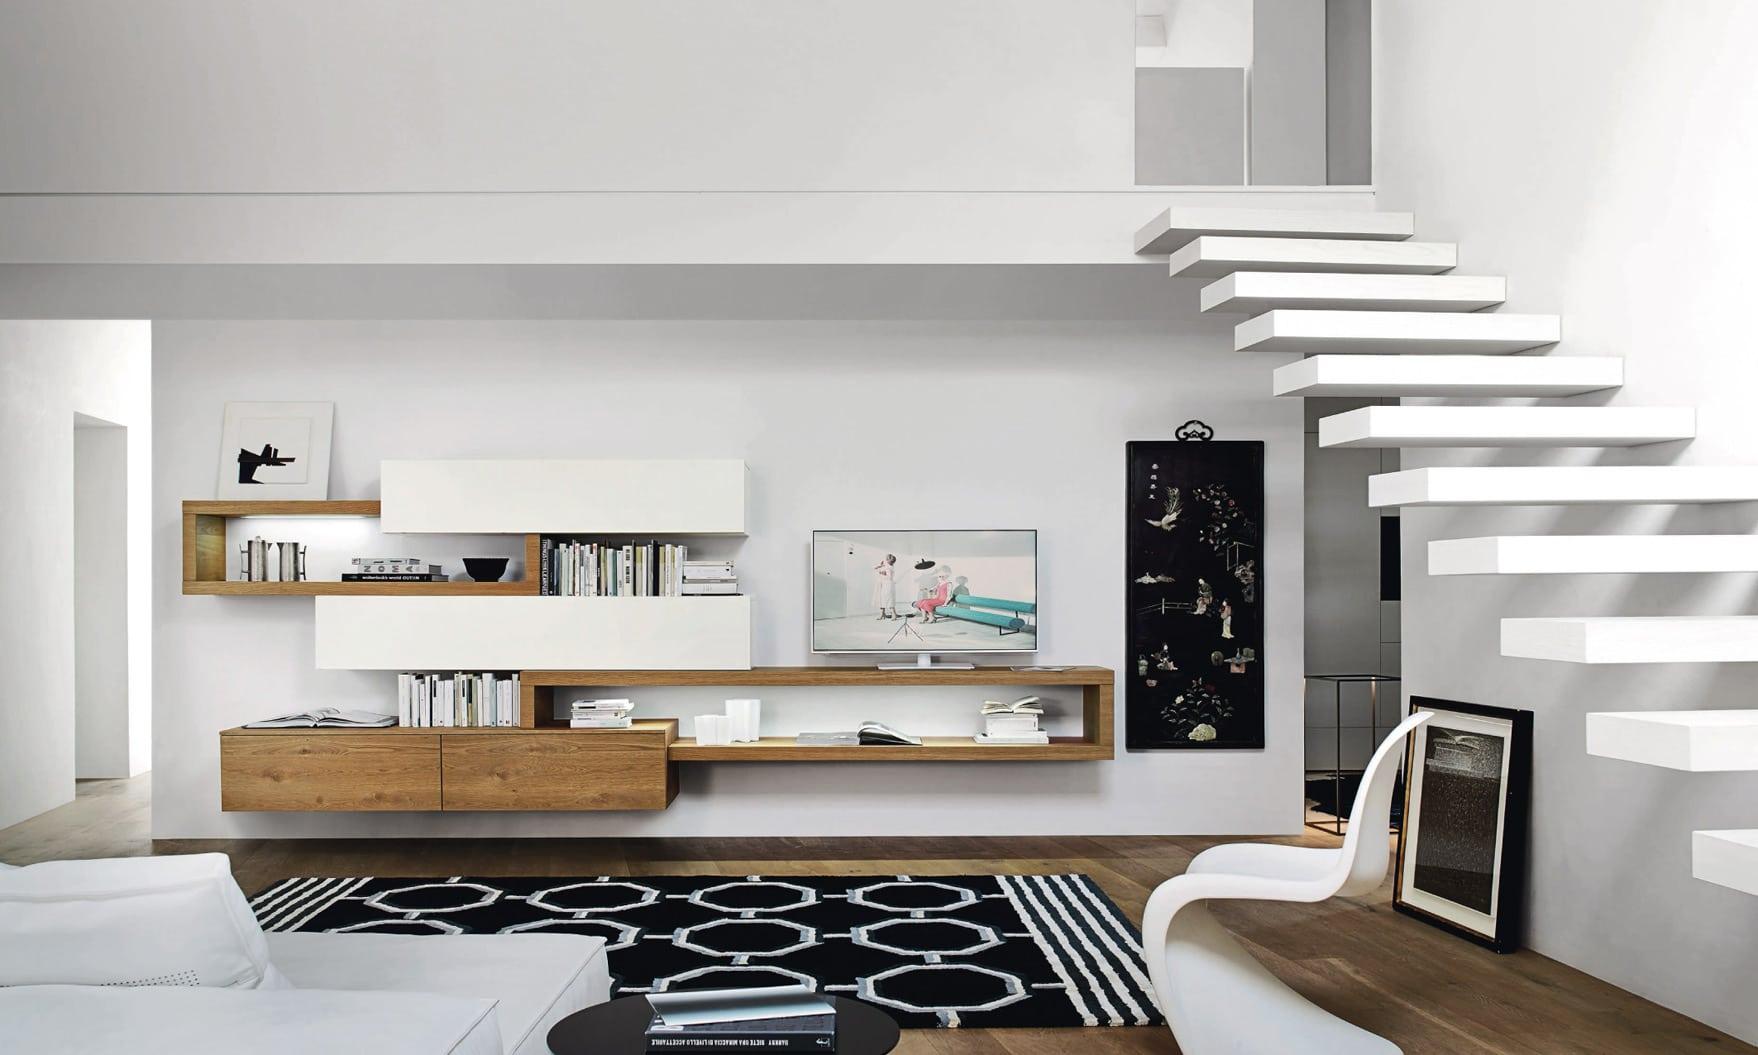 Soggiorno l5c25 san giacomo pozzoli living moving for Immagini mobili soggiorno moderni